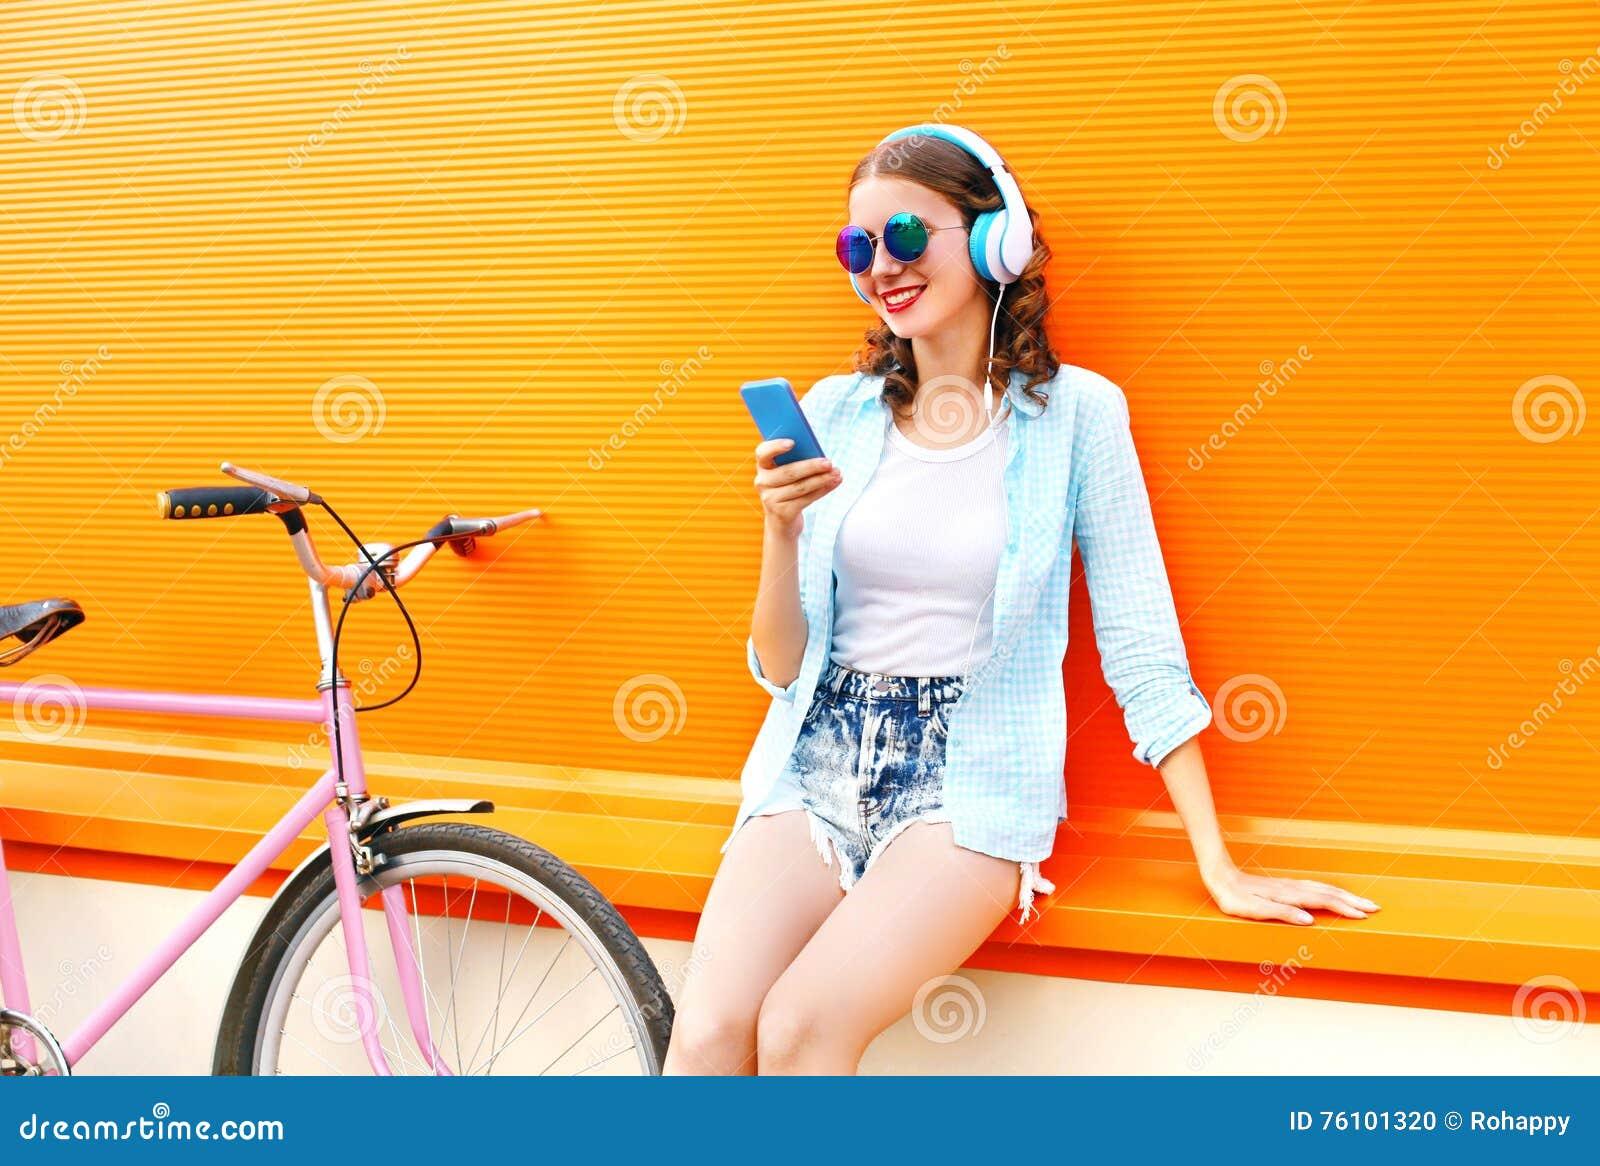 Η νέα γυναίκα μόδας αρκετά ακούει τη μουσική χρησιμοποιώντας το smartphone κοντά στο αστικό αναδρομικό ποδήλατο πέρα από το ζωηρό